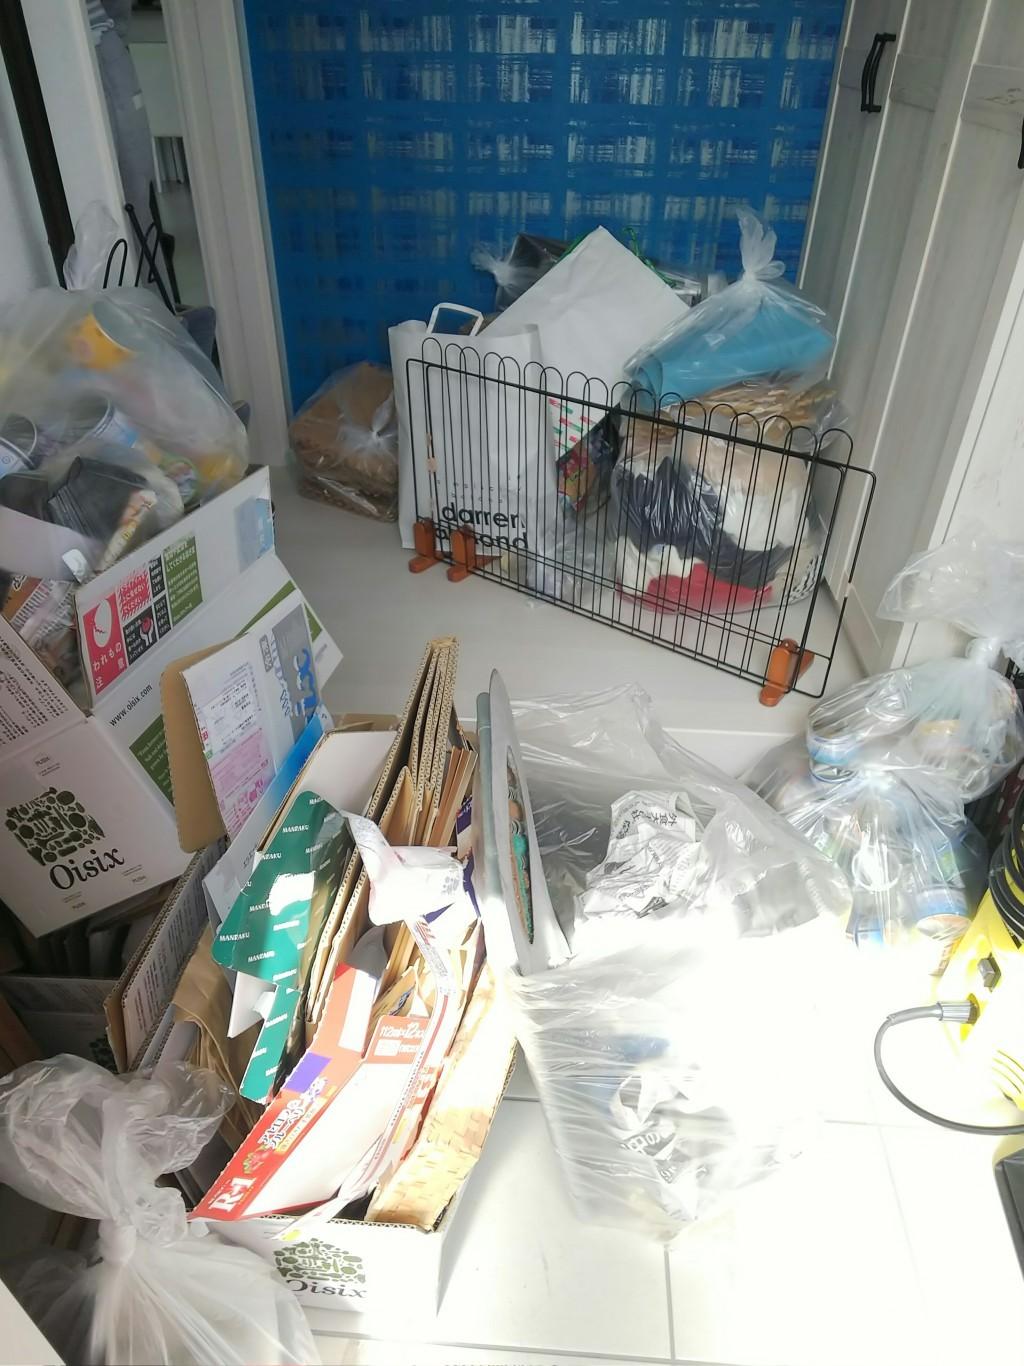 【福山市】プリンターや座椅子、可燃ごみの不用品処分 お客様の声